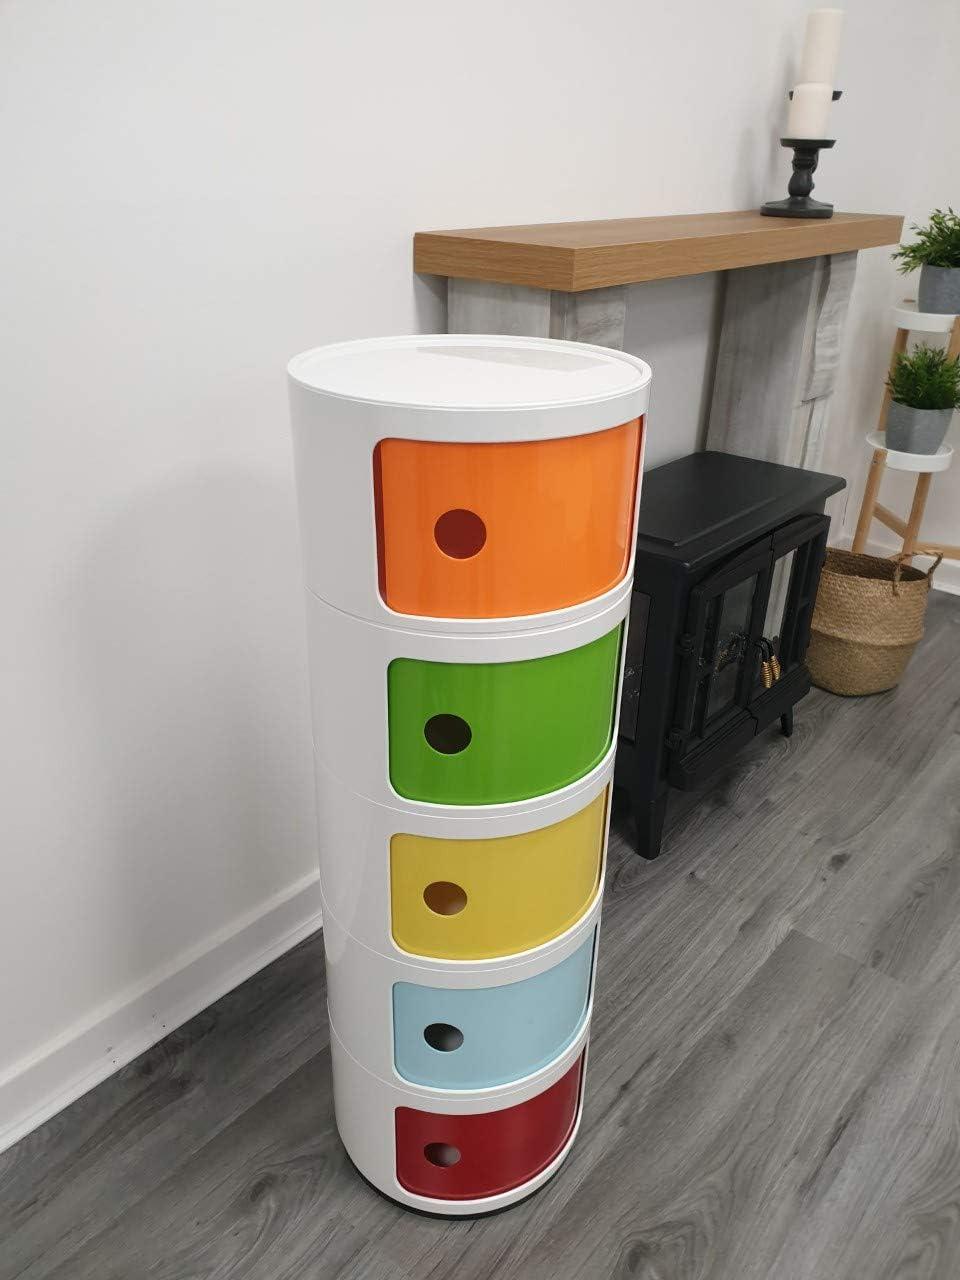 verde Caj/ón de 3 niveles para cuarto de ba/ño color naranja Costello/® azul amarillo y rojo.